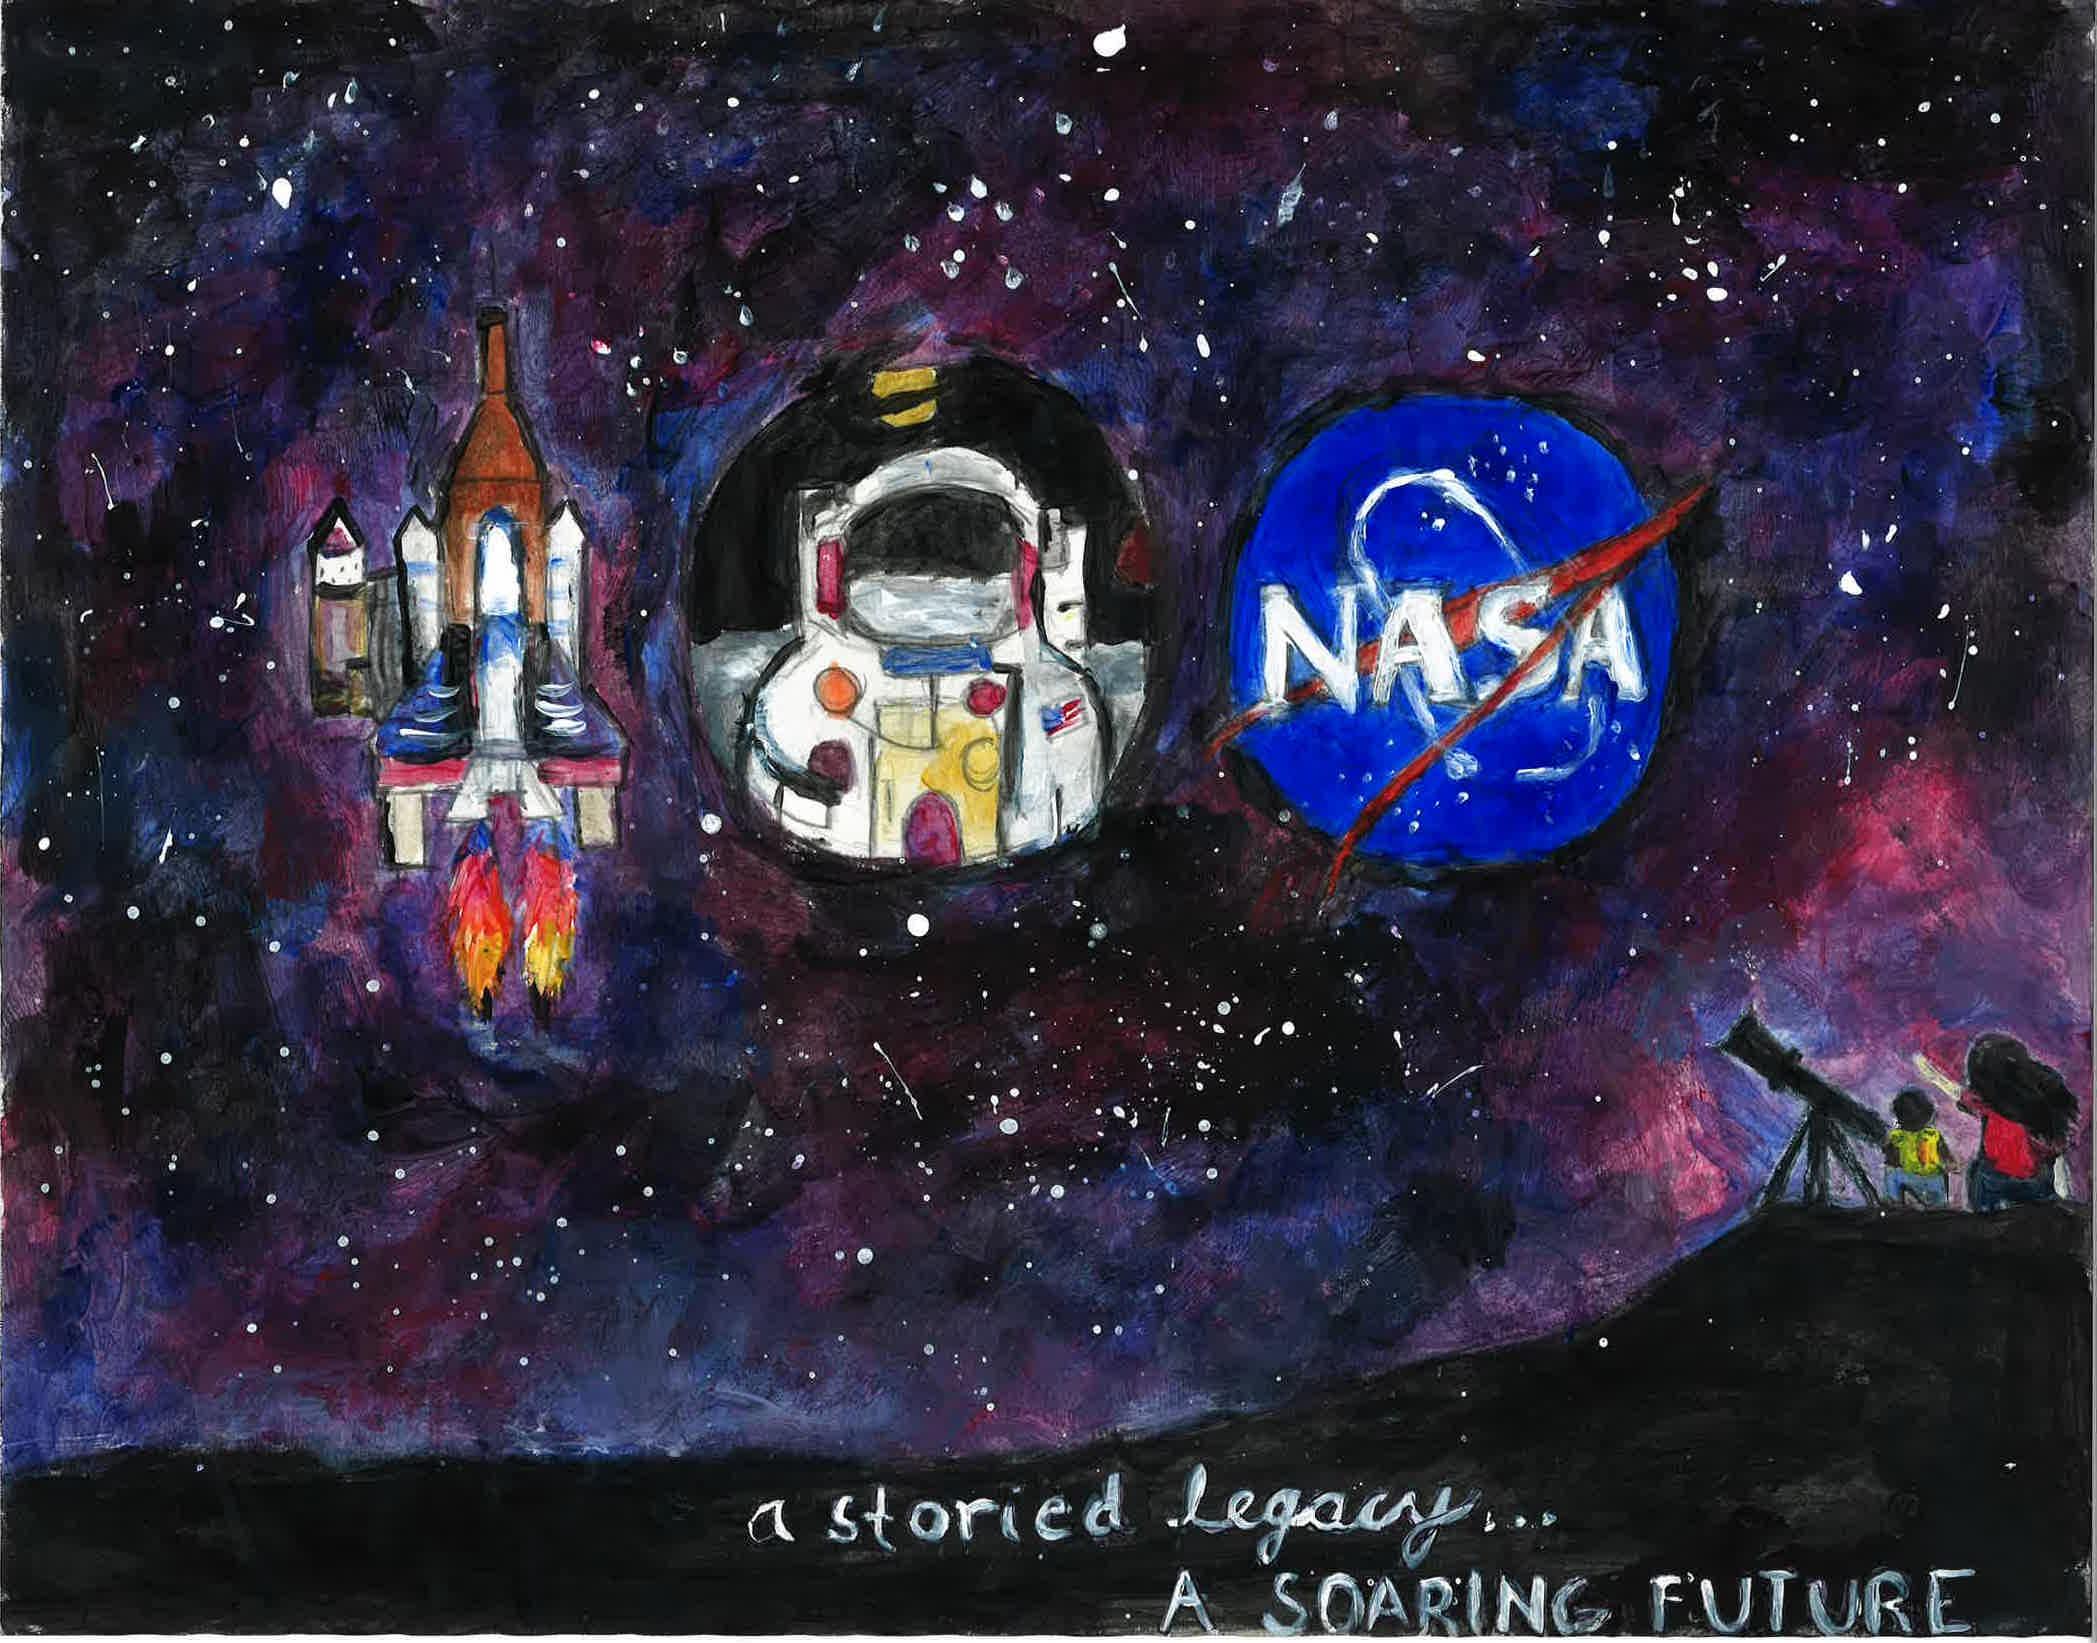 Langley Research Center centennial artwork contest winner